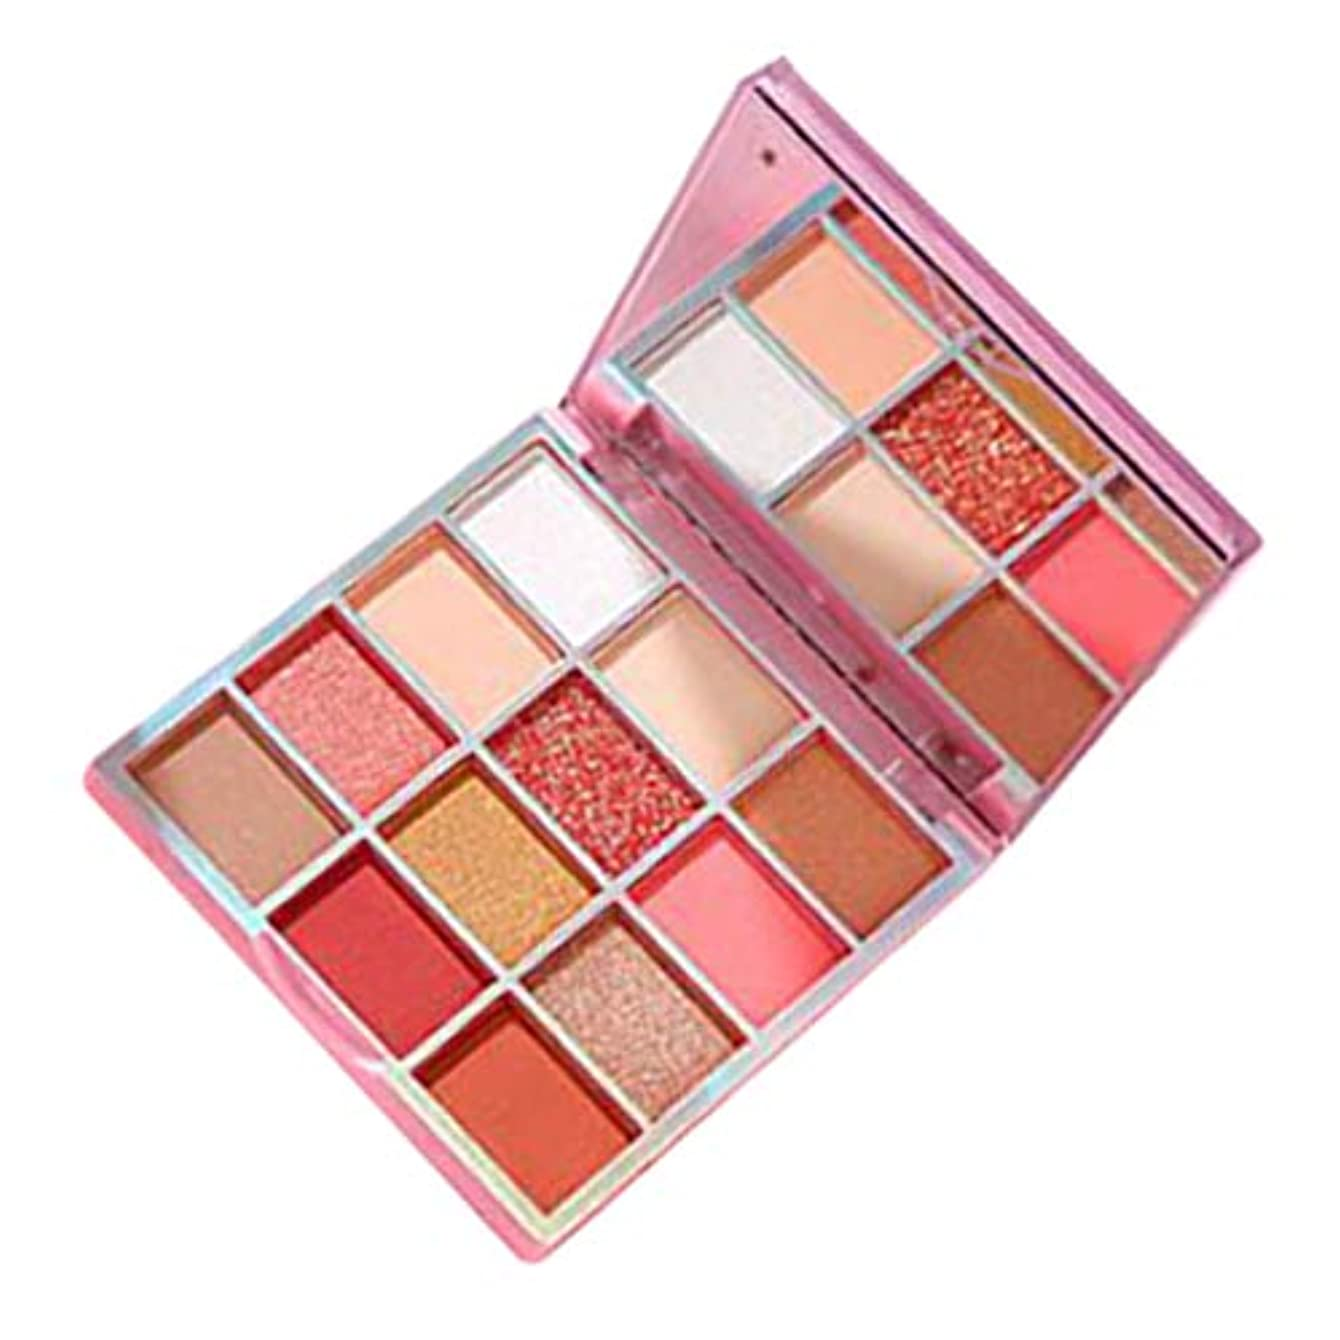 代表して老人興奮防水 アイシャドウ 12色 美容 メイクパレット マット パール アイシャドウパウダー 多機能 全2種類 - ピンク